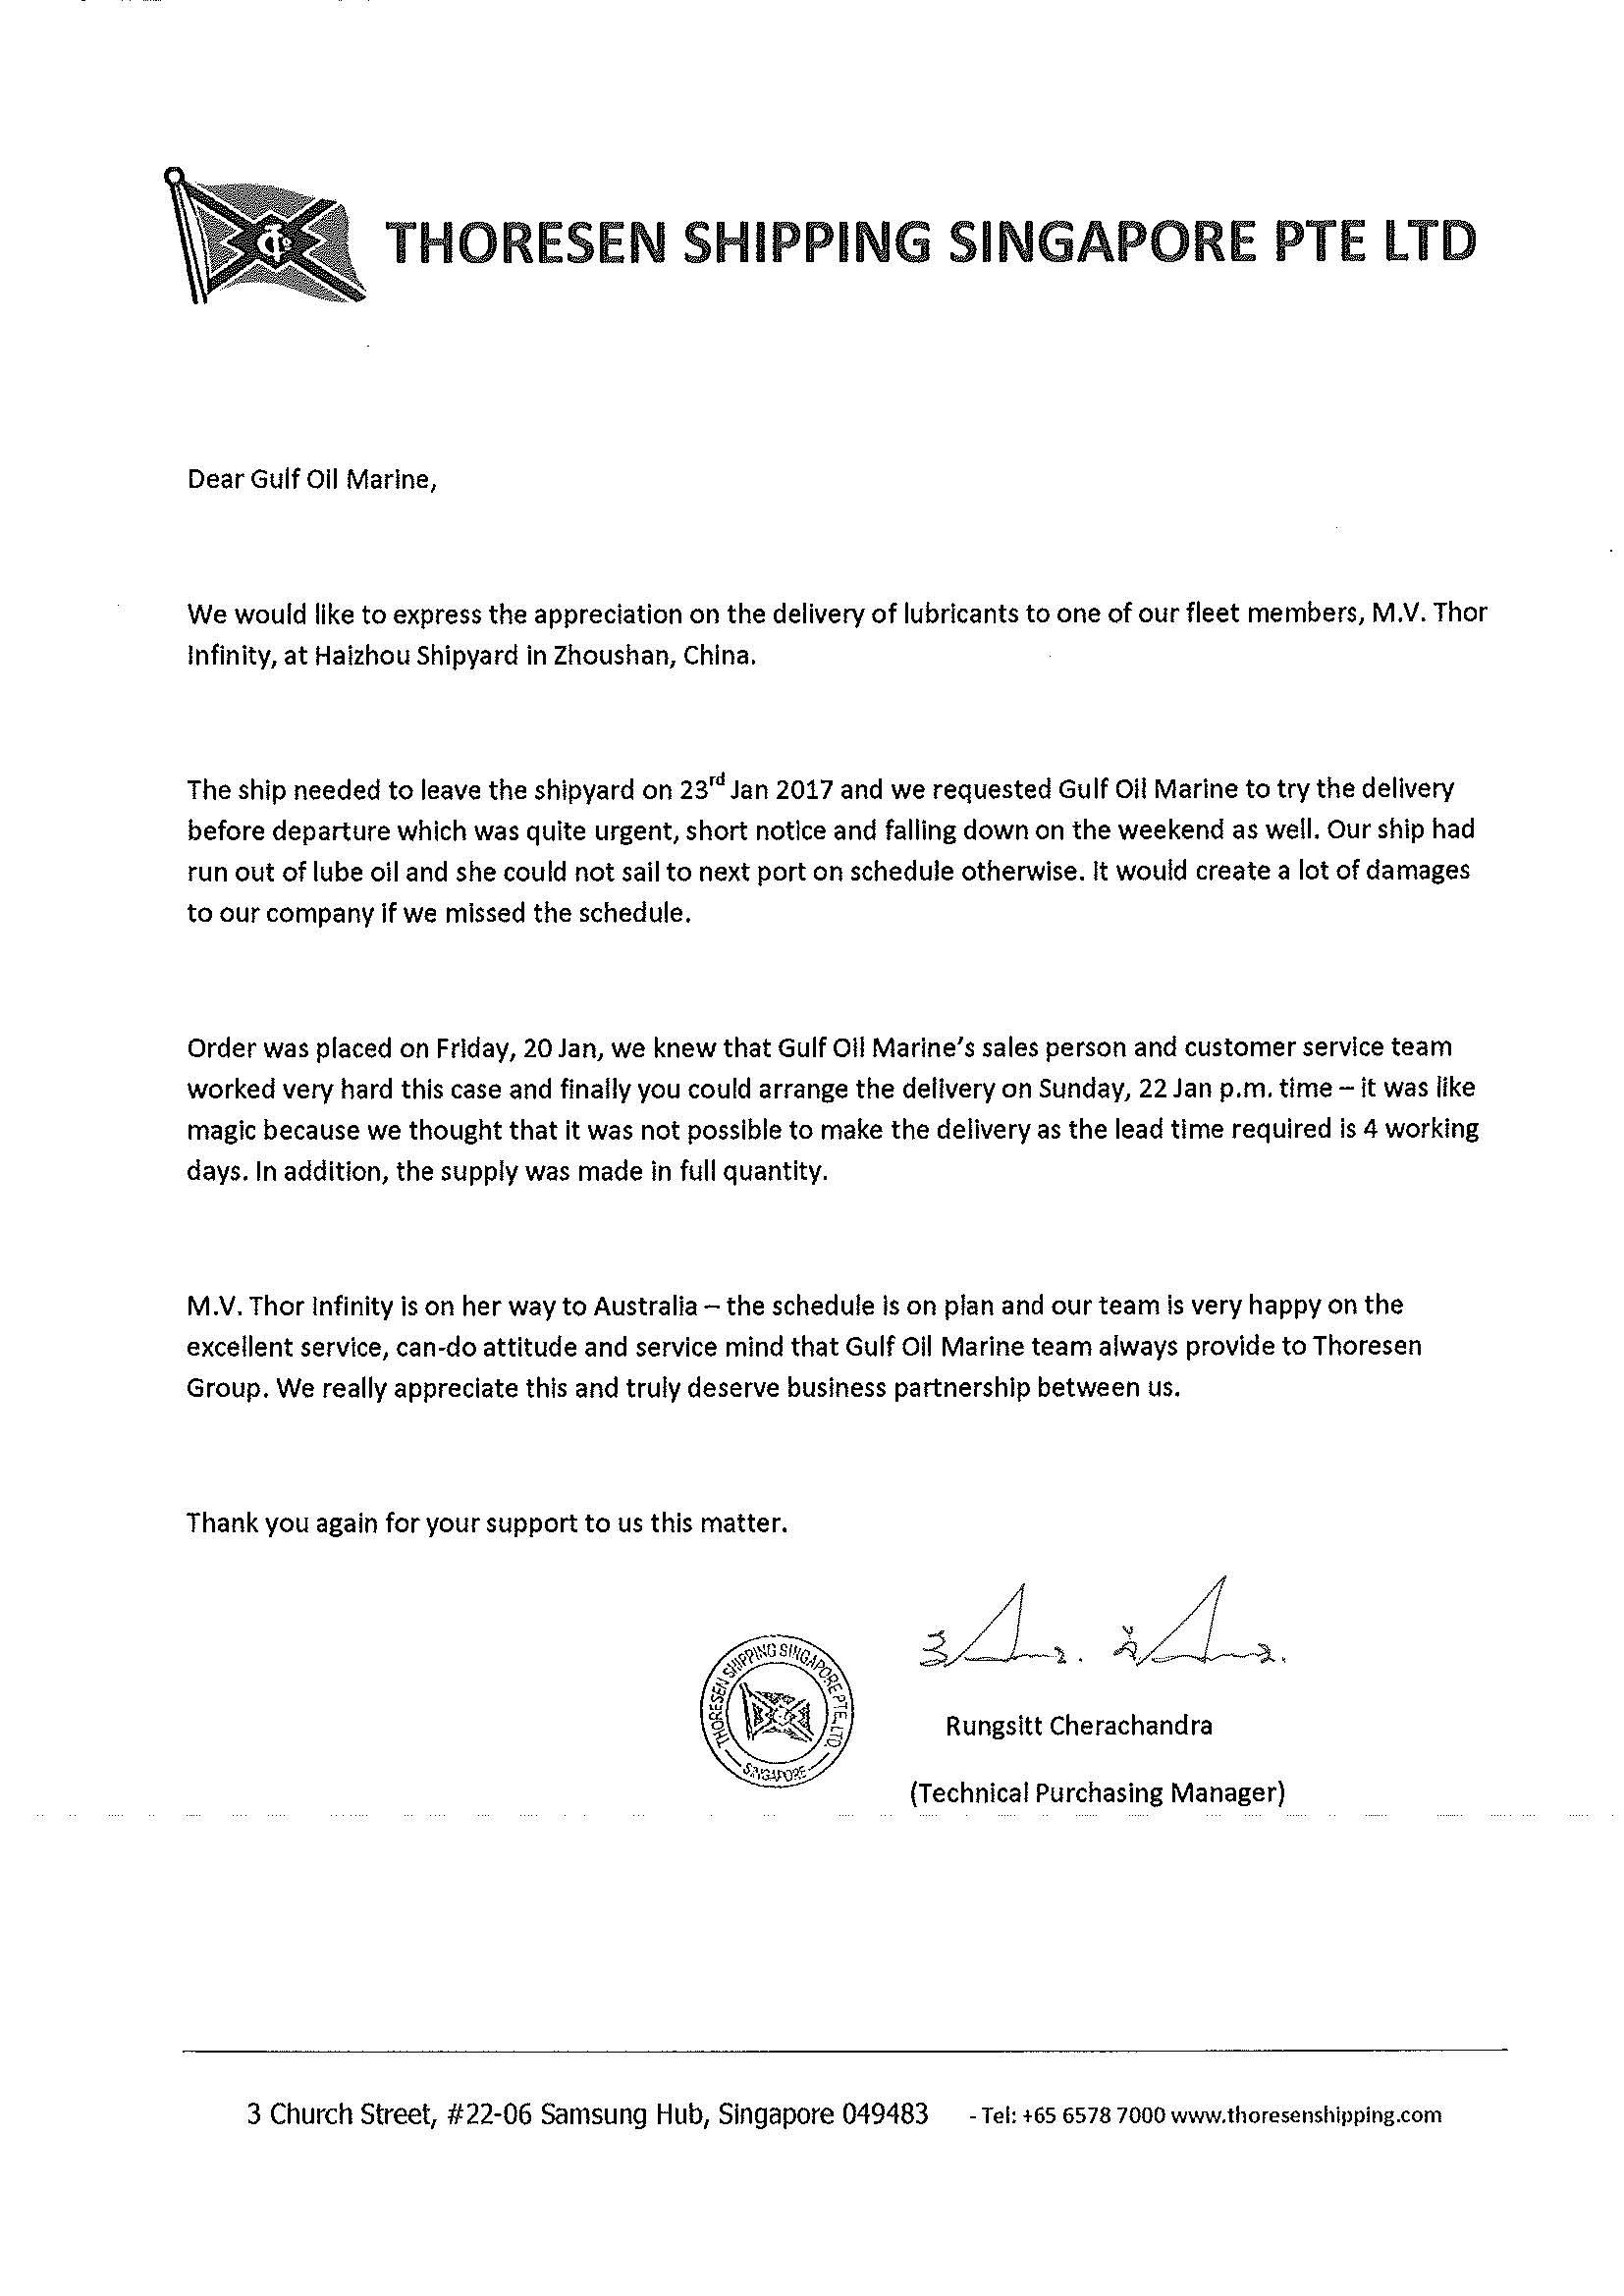 Testimonial letter.jpg